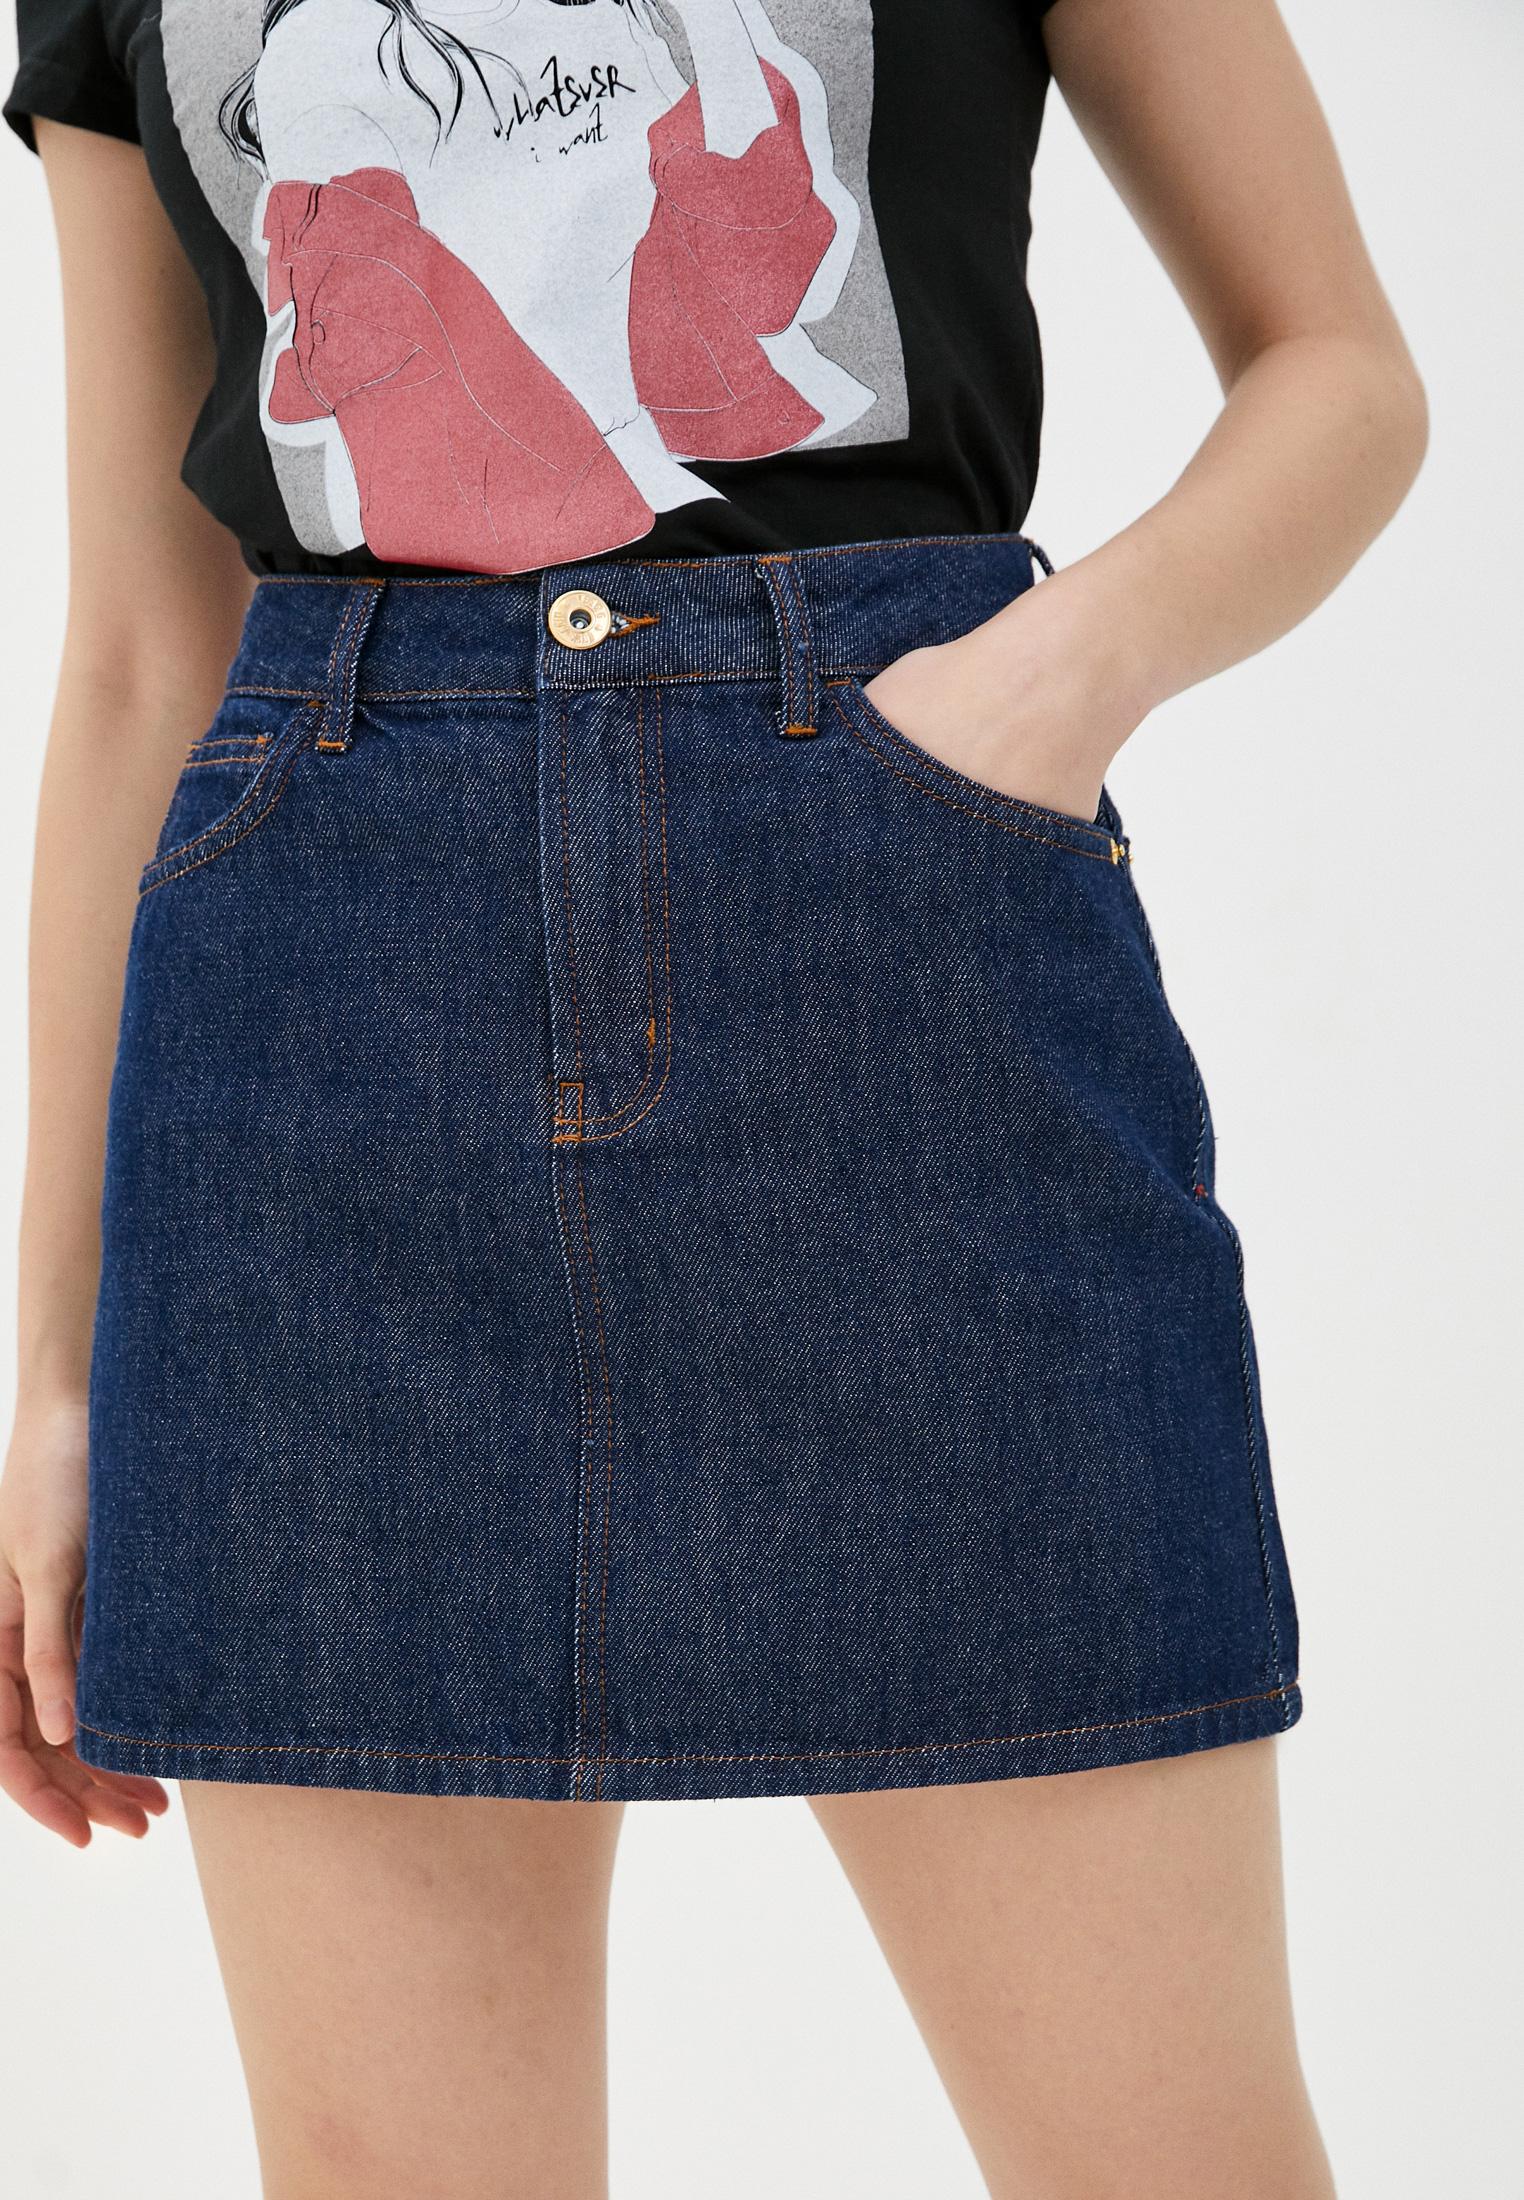 Джинсовая юбка Coca Cola Jeans 008.32.00996: изображение 1